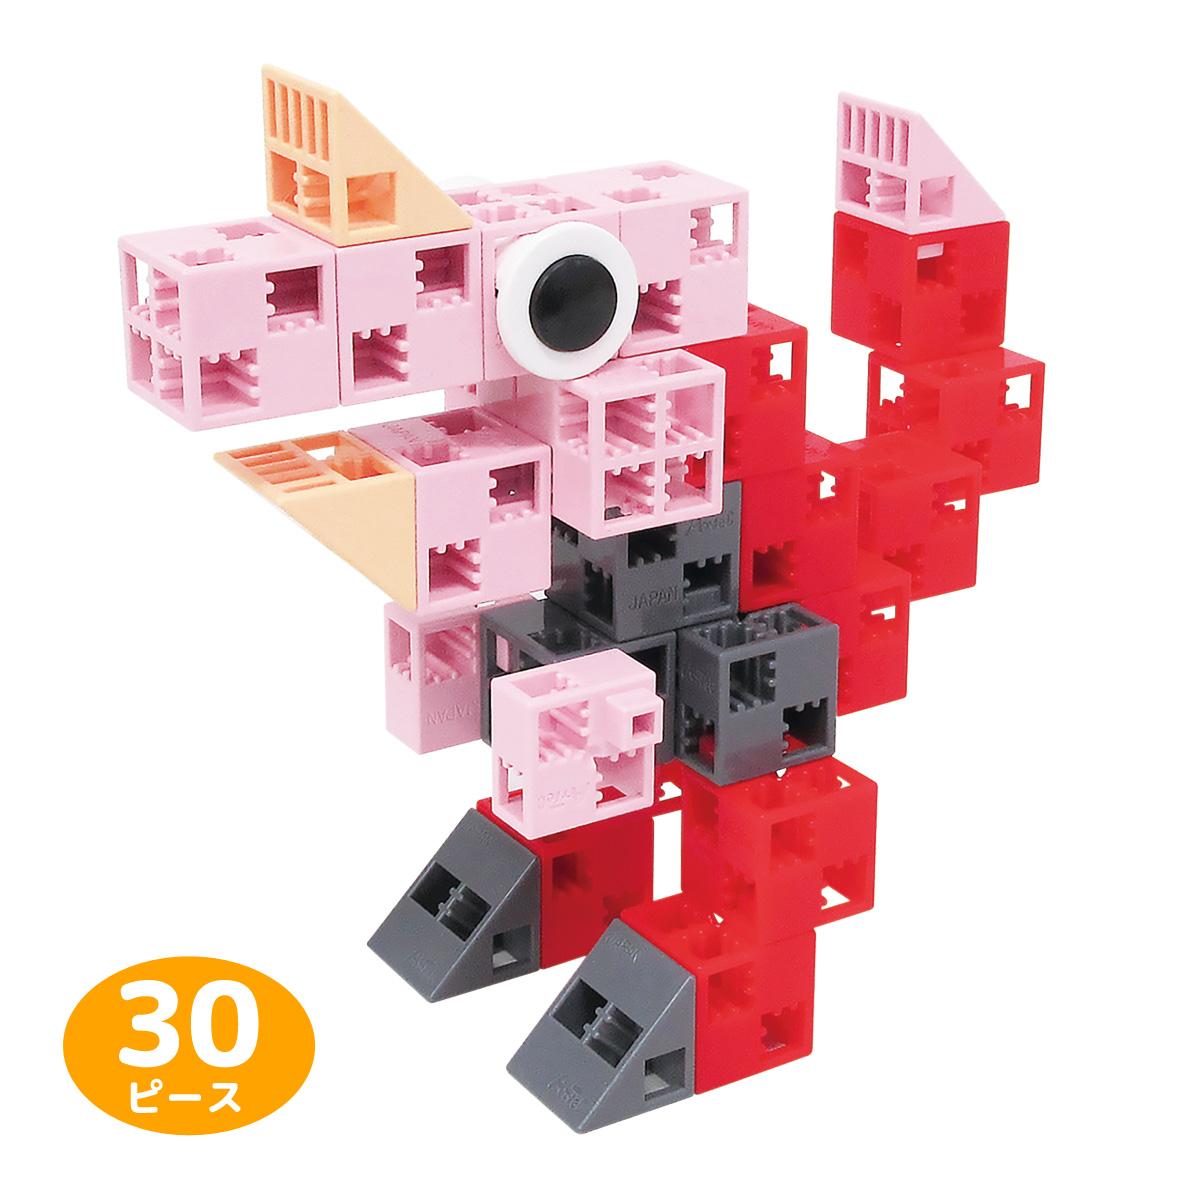 アーテックブロック きょうりゅう 恐竜 30ピース 袋入 キッズ 幼児 パズル ゲーム 工作 おもちゃ レゴ・レゴブロックのように遊べます